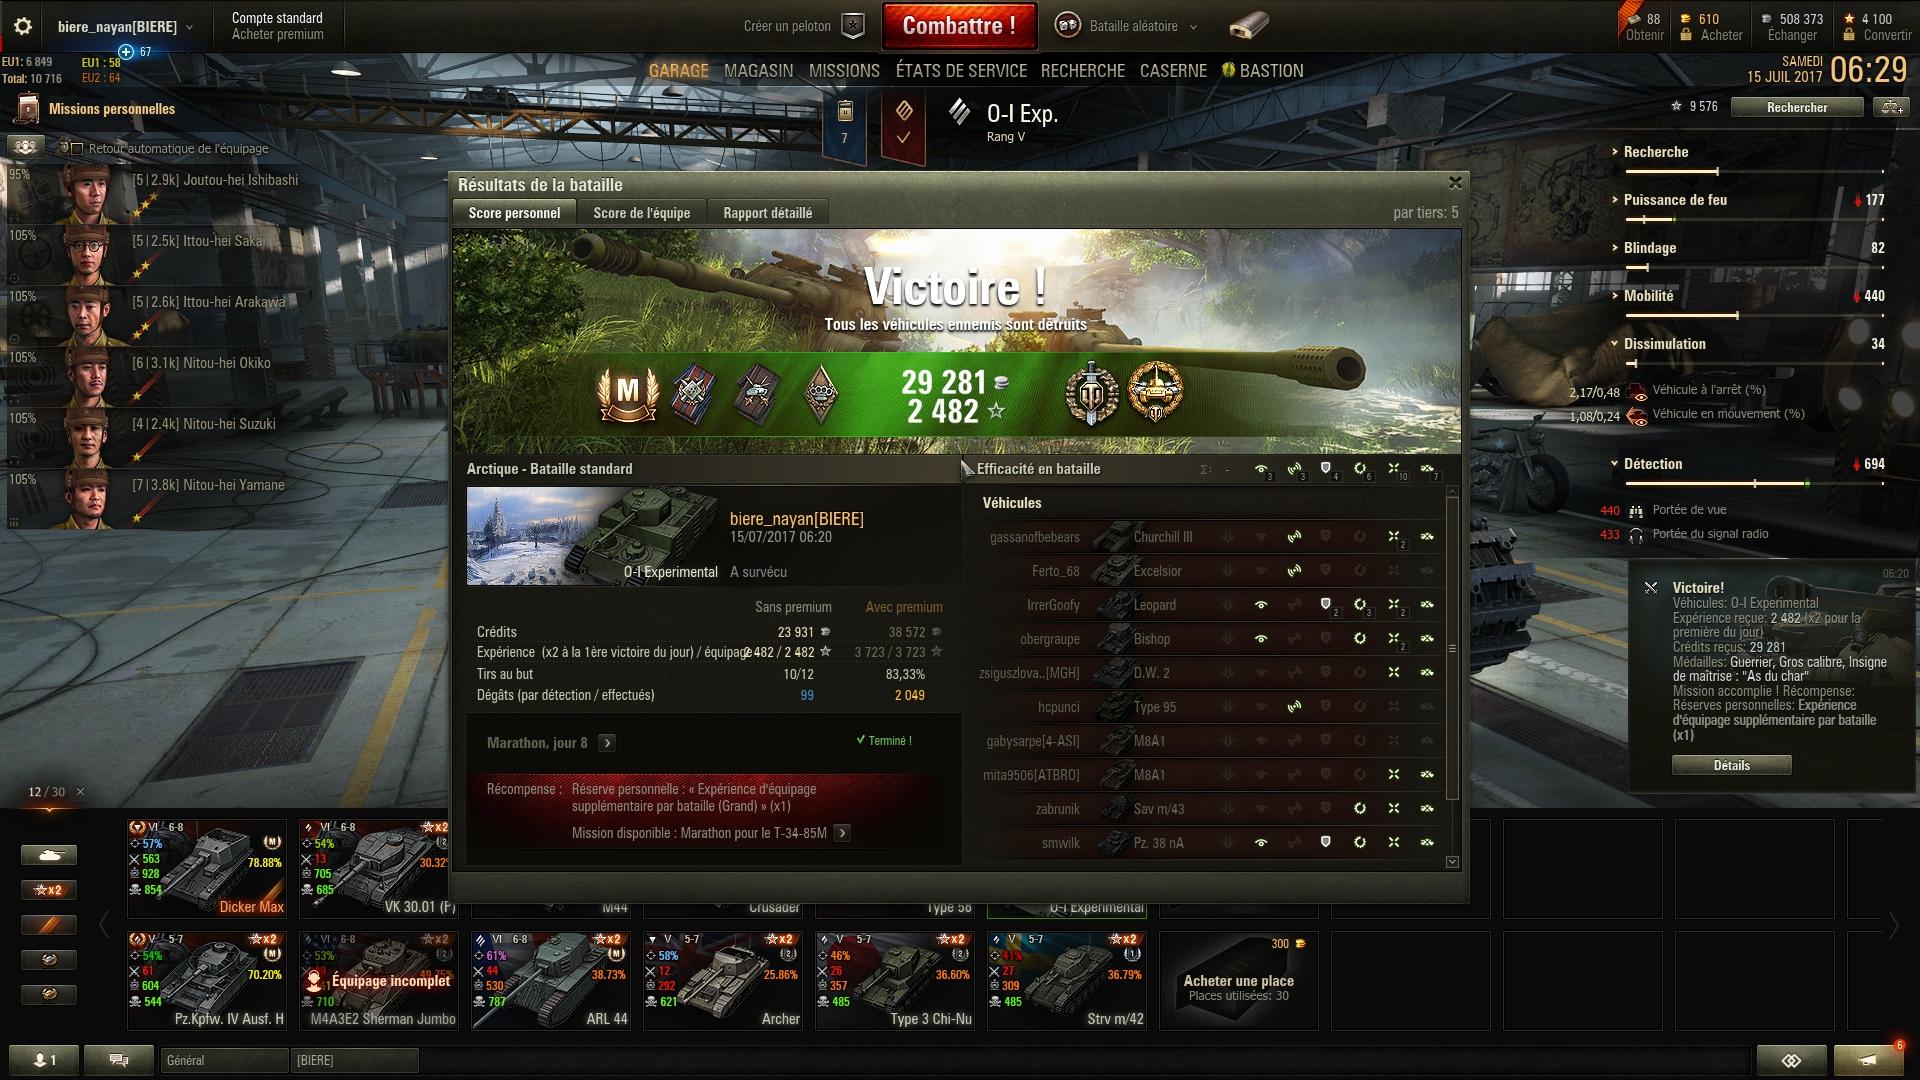 Screenshots et rapports de batailles - Page 18 C977623b13e000f3367c7b99a076896a